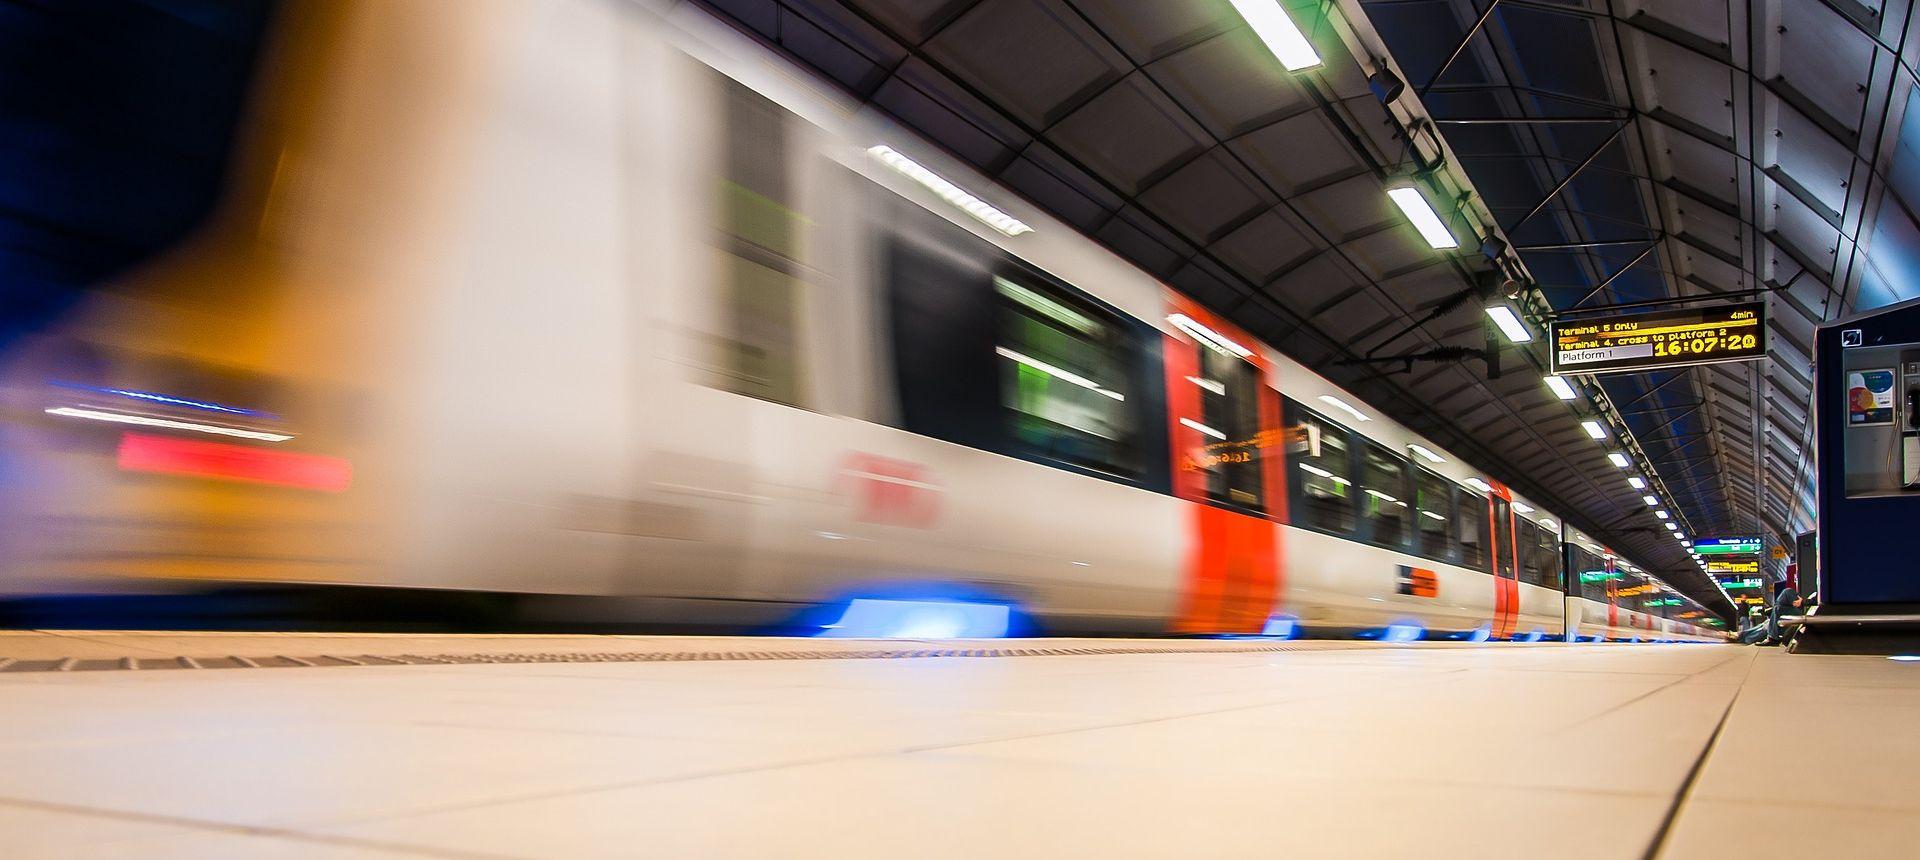 U prevrtanju tramvaja u Londonu petero poginulo, najmanje 50 ljudi završilo u bolnicama